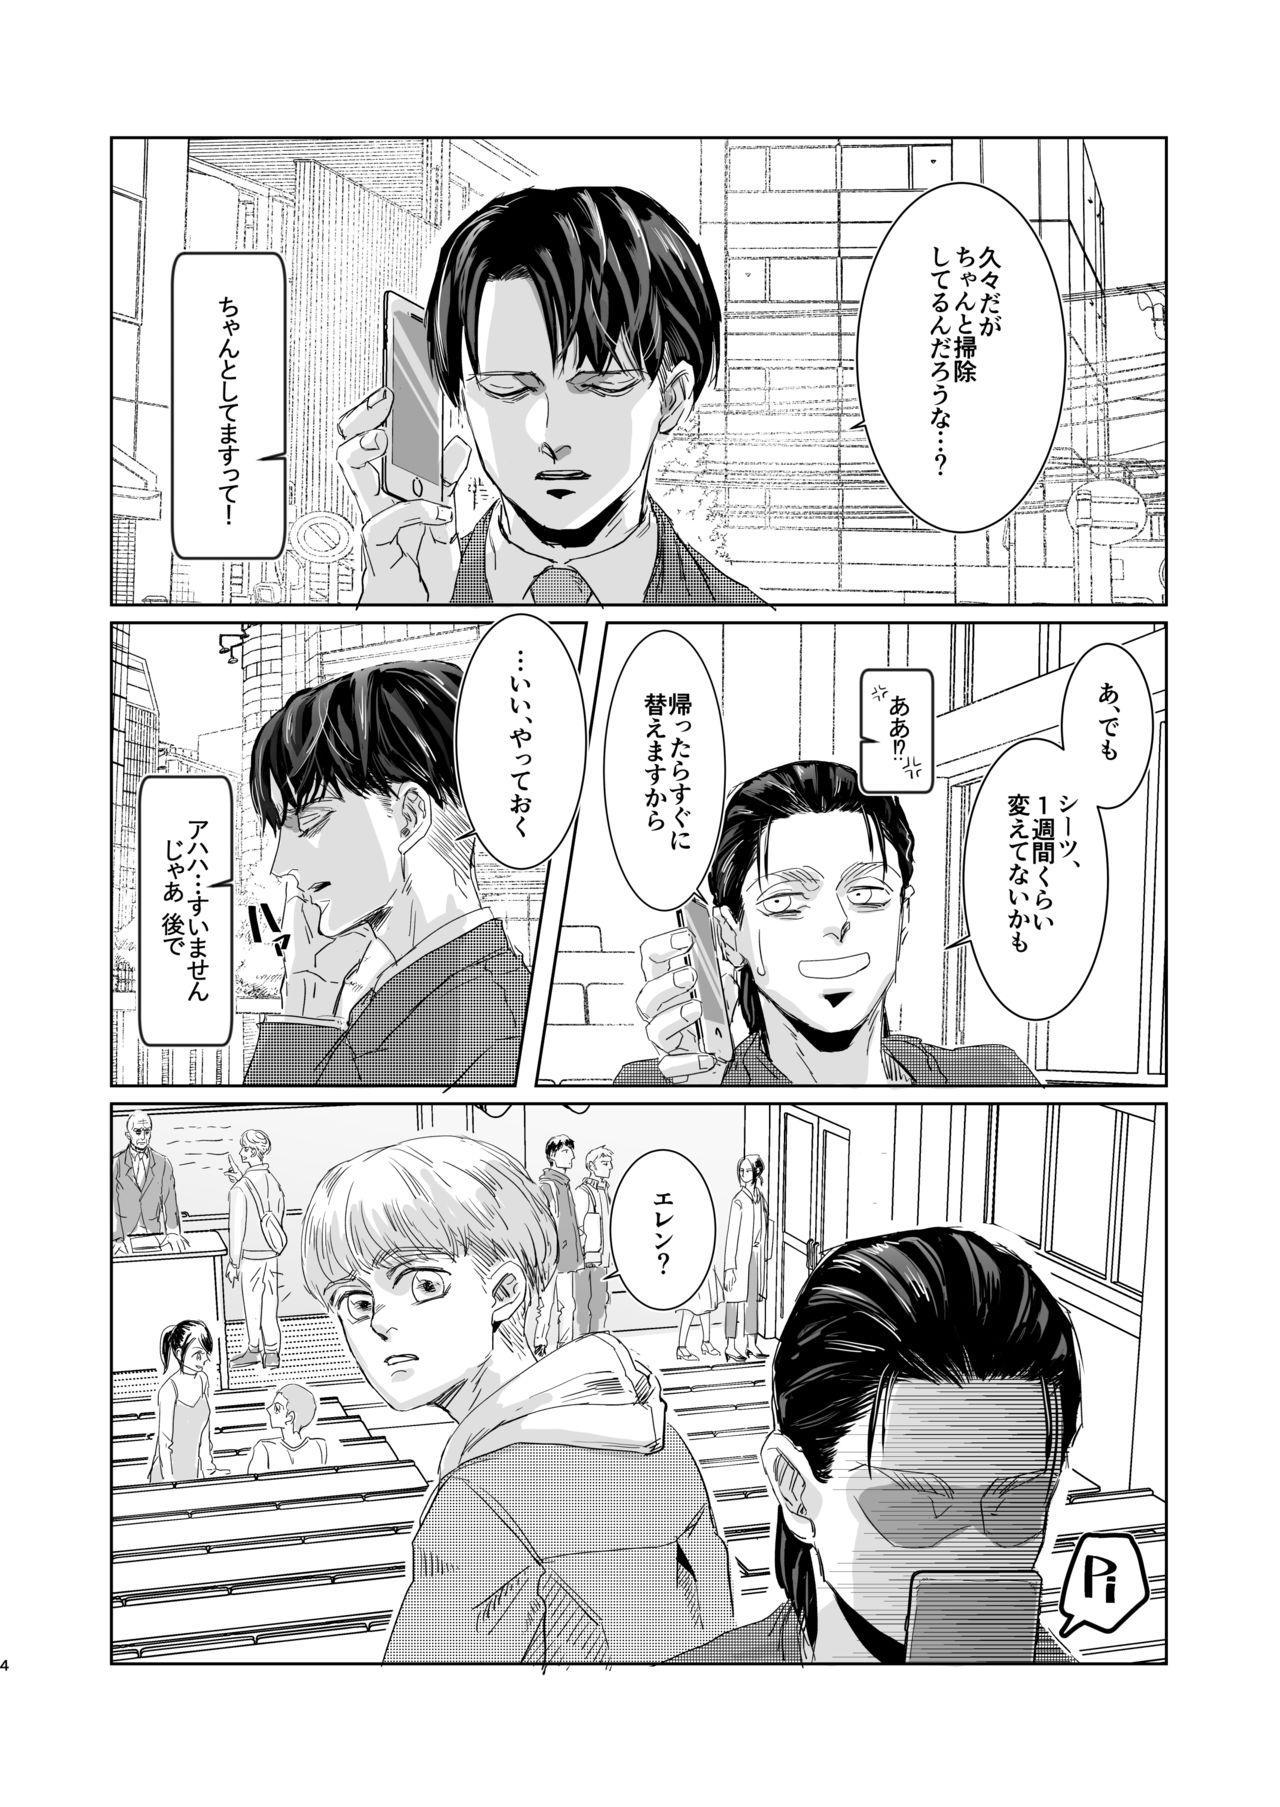 Ore no Kareshi ga Ore no Nioi o Sukisugite Komaru! 2